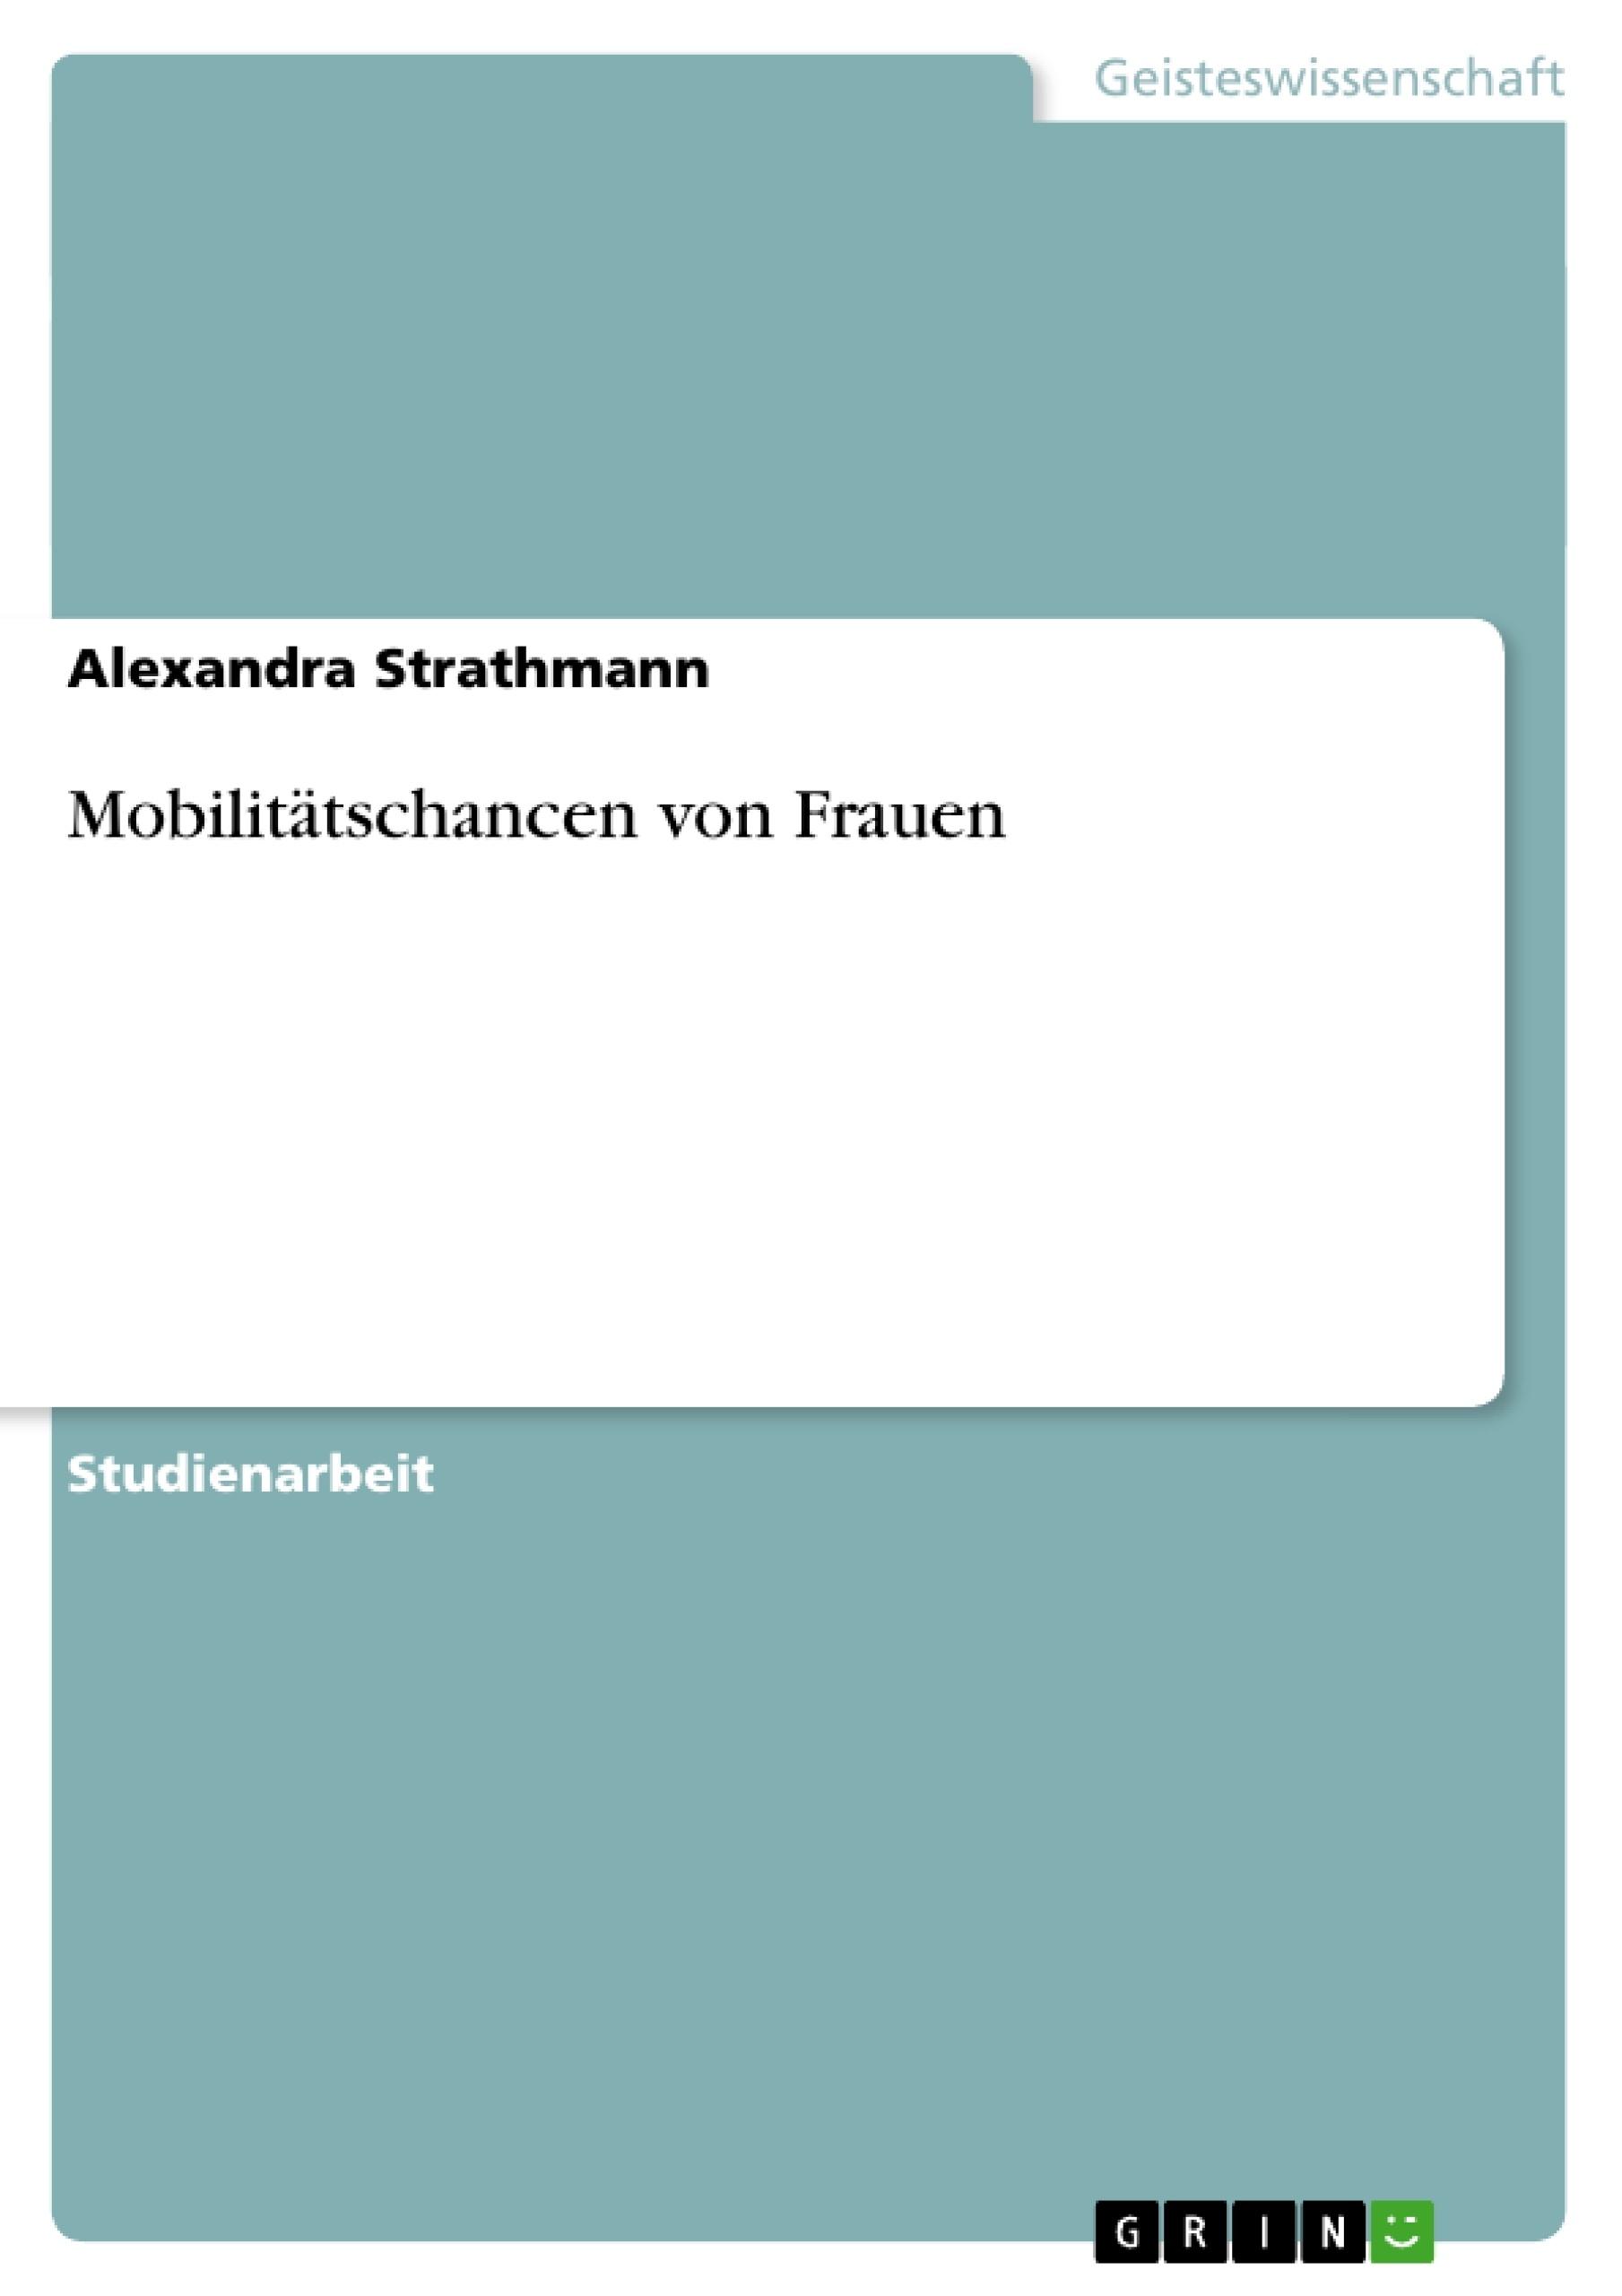 Titel: Mobilitätschancen von Frauen